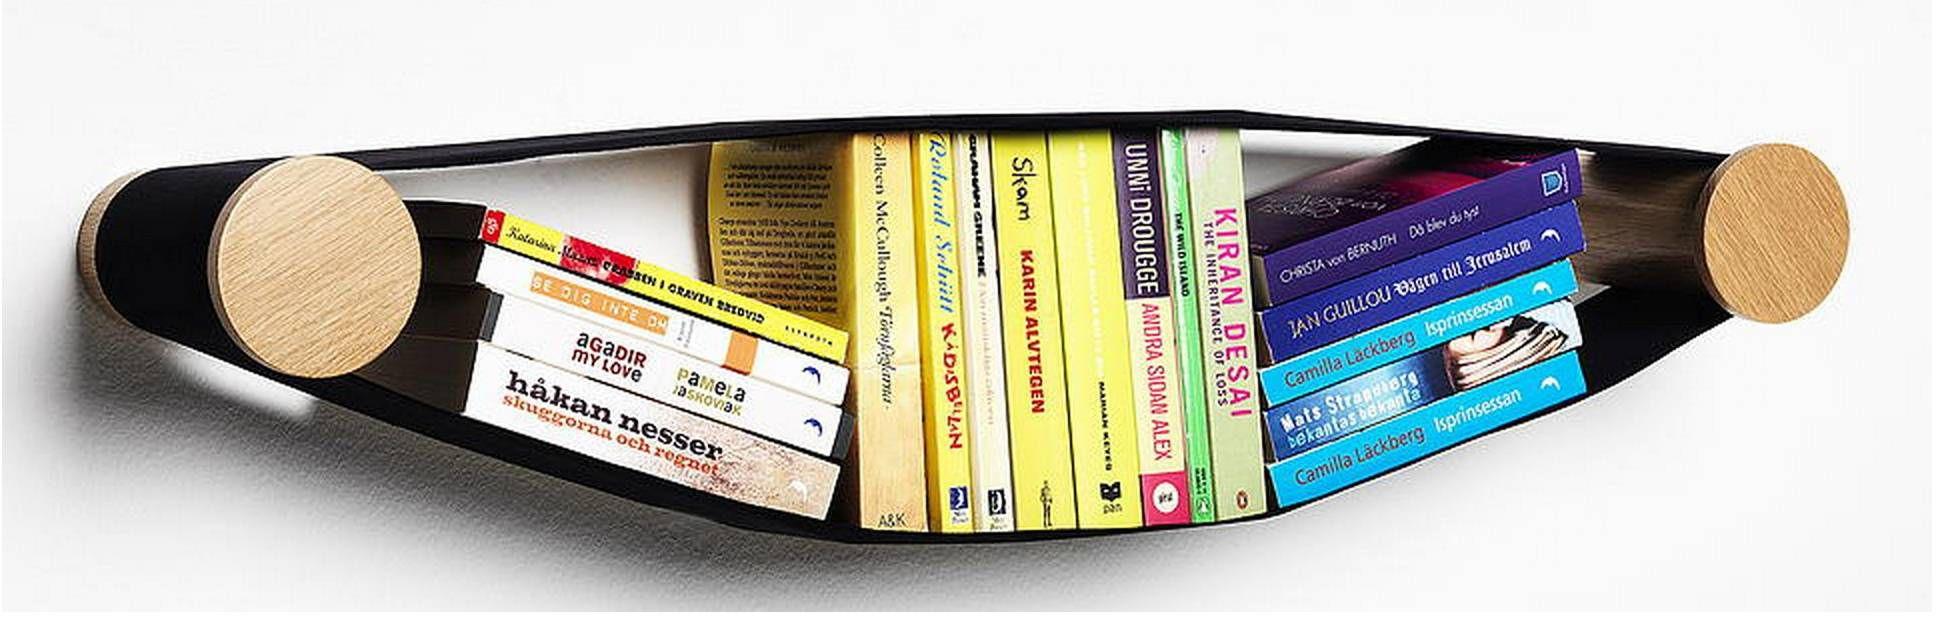 elastic bookcase 2